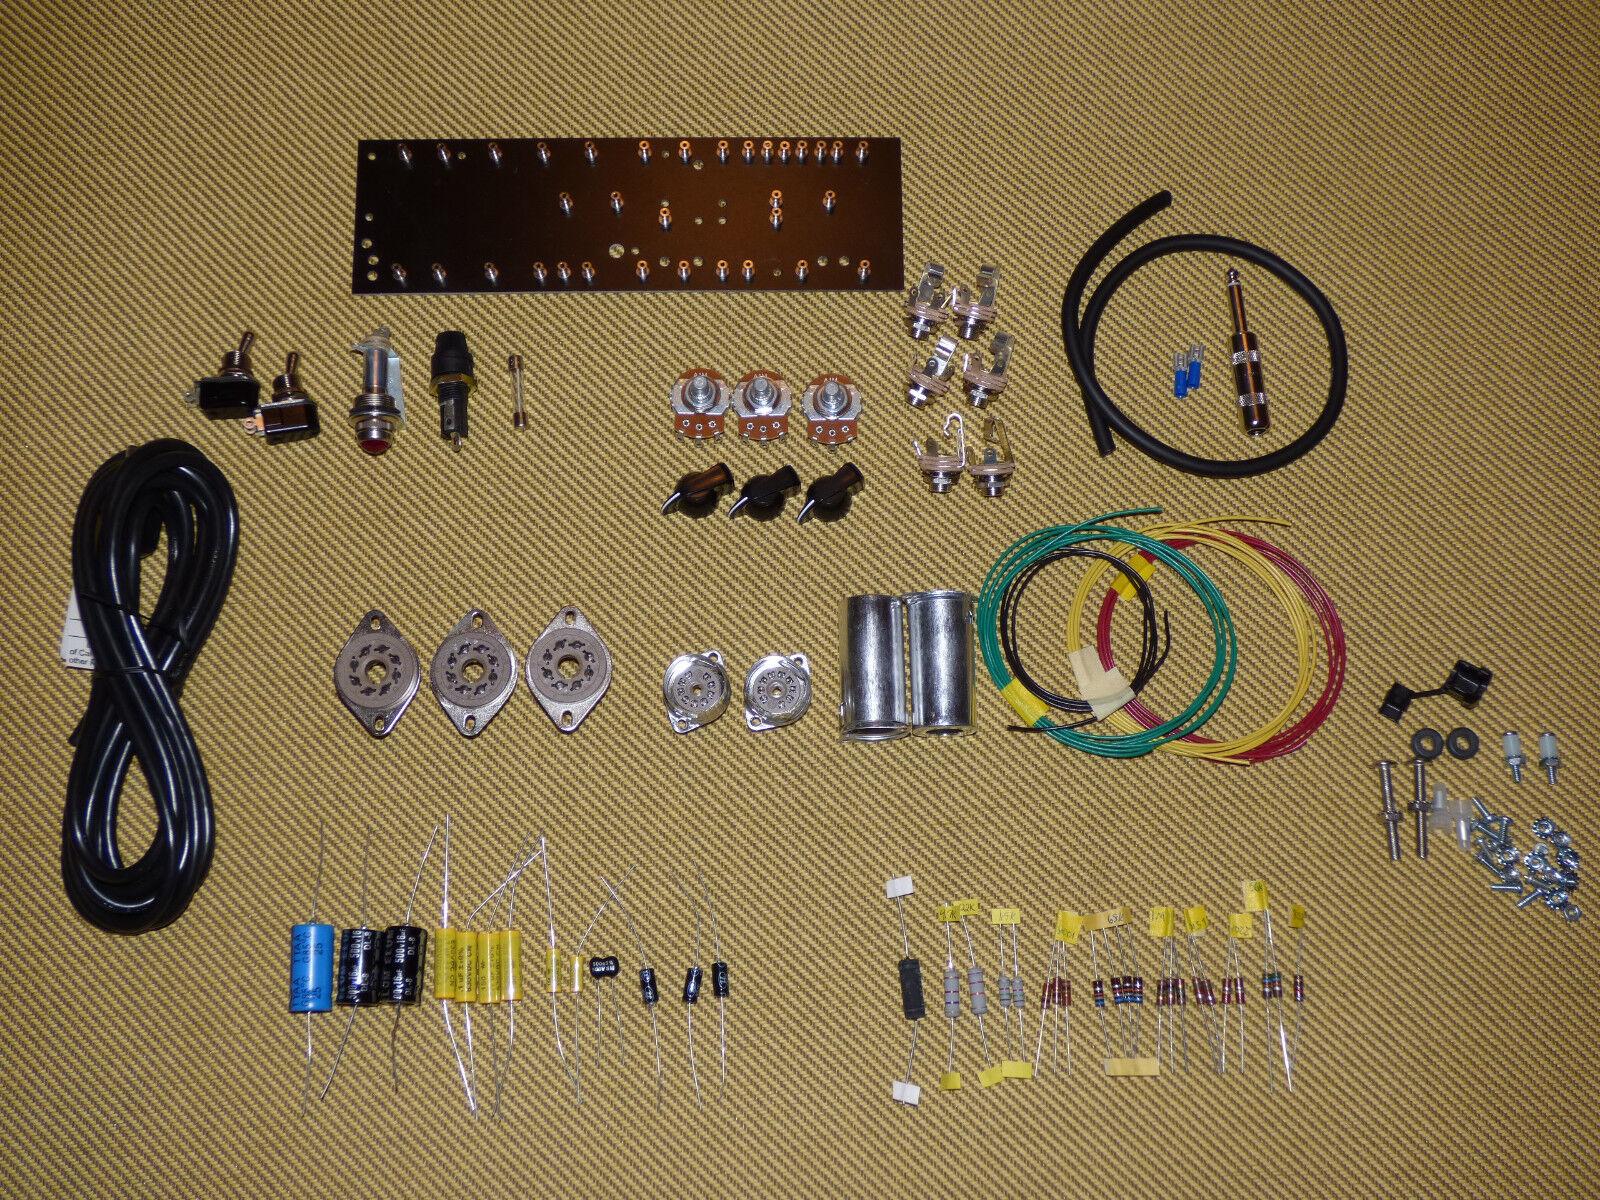 Amplificador De Guitarra 5E3 Tweed DELUXE Kit de de de piezas, Switchcraft, Mallory, carbono Comp  aquí tiene la última